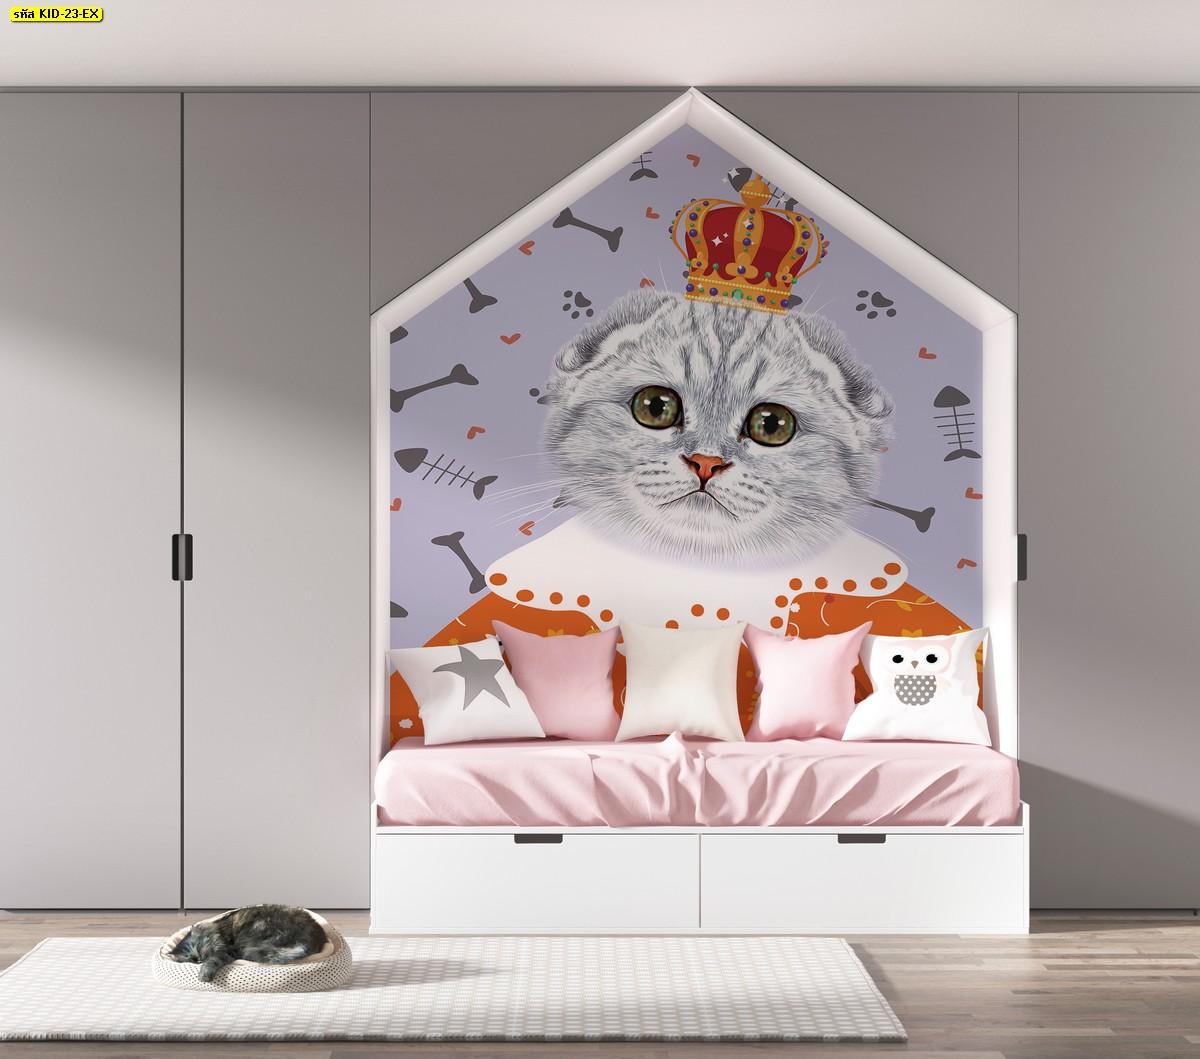 ห้องนอนเด็ก ภาพแมวติดผนัง ตกแต่งห้องเด็ก วอลเปเปอร์แมว